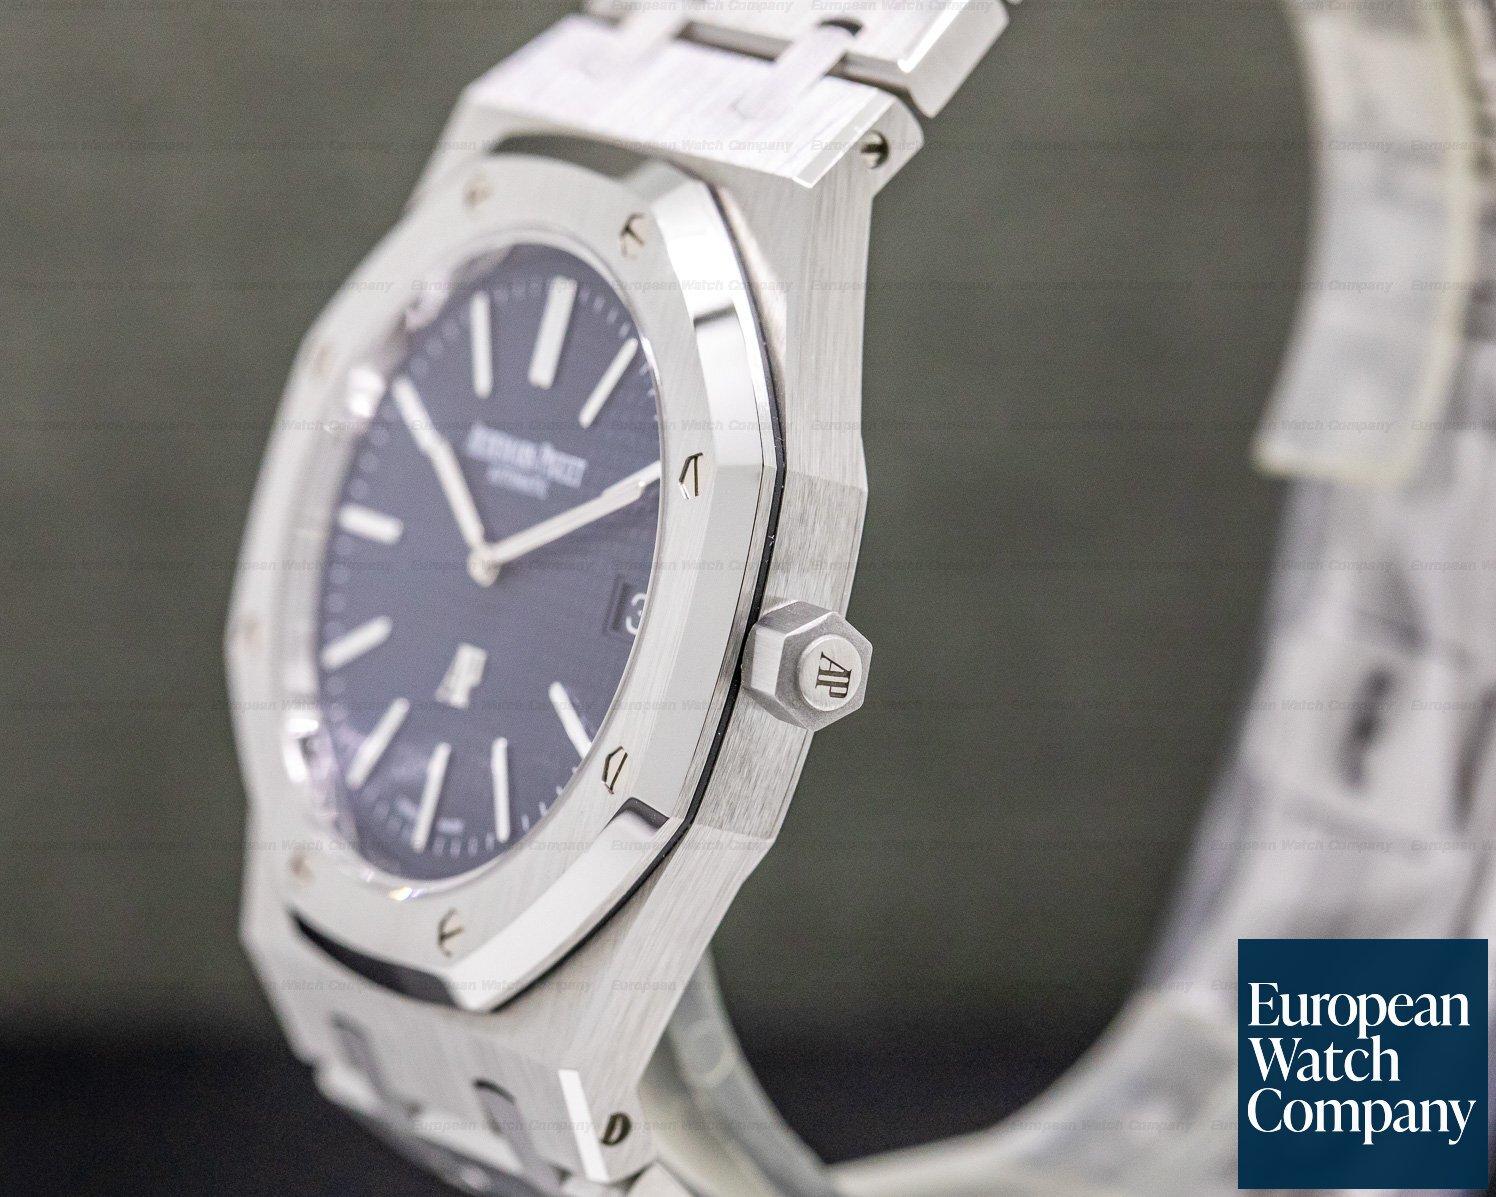 Audemars Piguet 15202ST.OO.1240ST.01 Royal Oak Extra Thin Blue Dial SS 15202ST